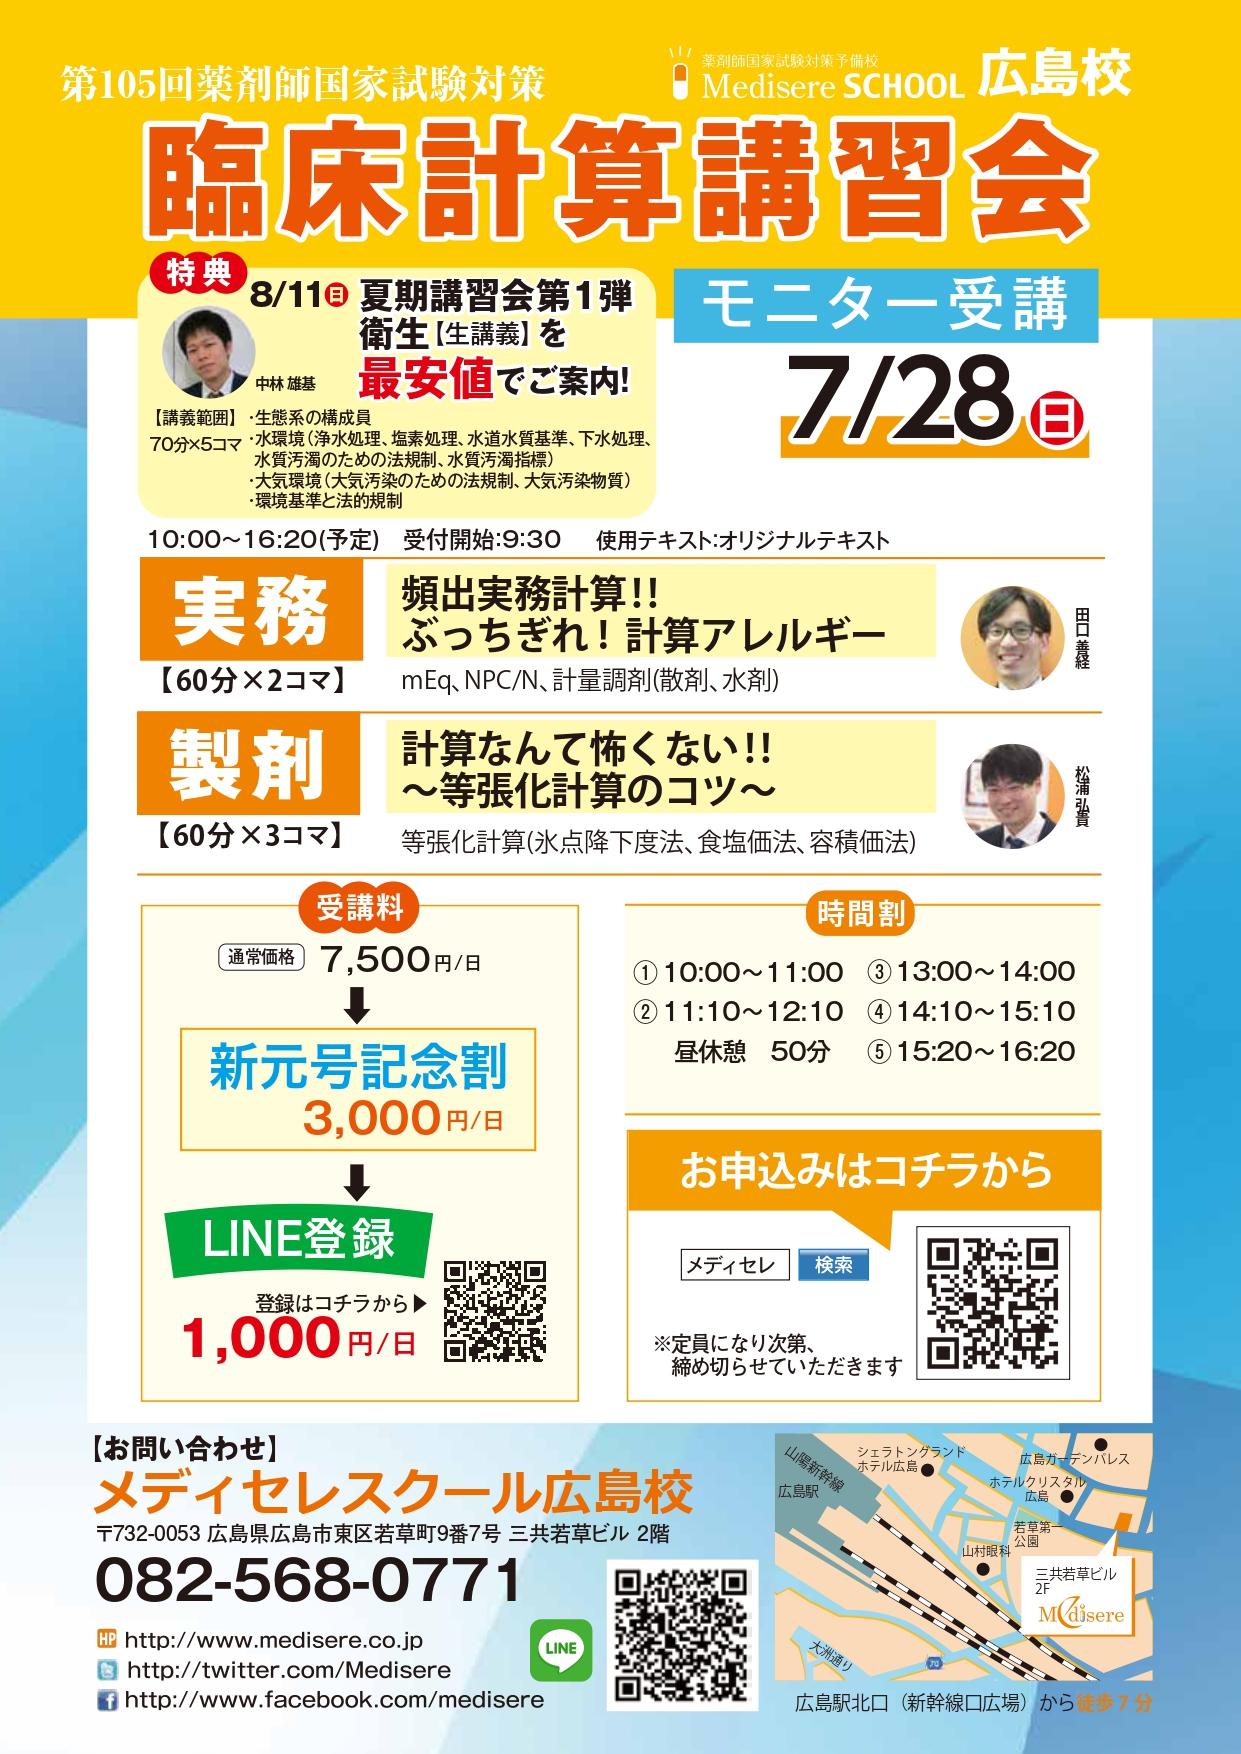 190728_臨床計算講習会(広島校)4_pages-to-jpg-0001